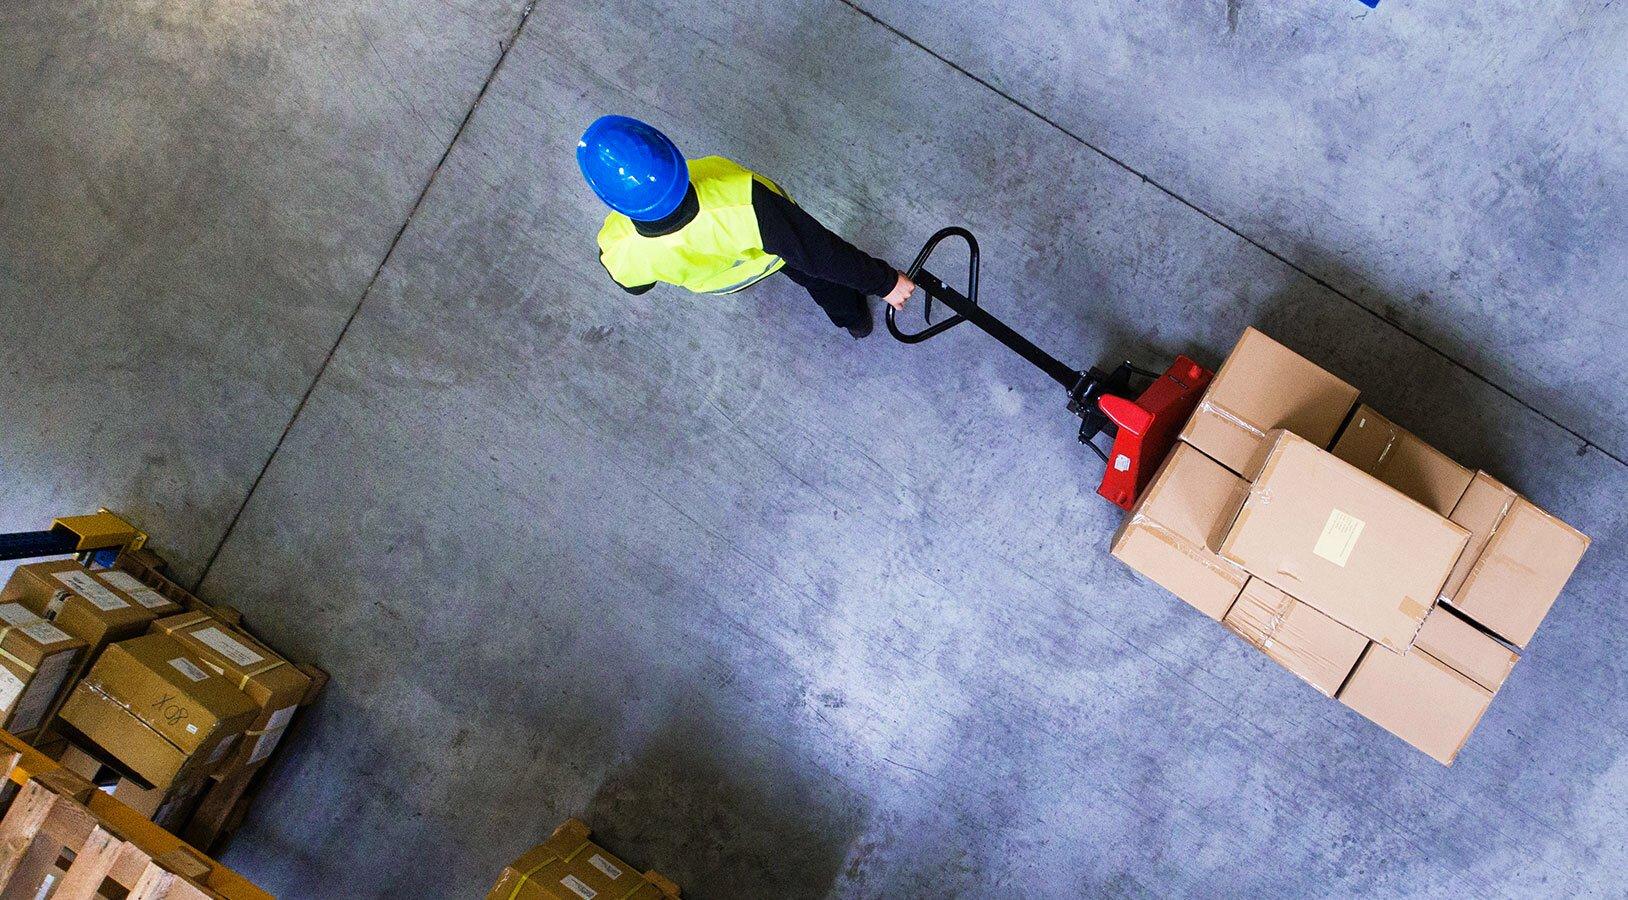 Une personne dans un entrepôt qui déplace des boîtes.